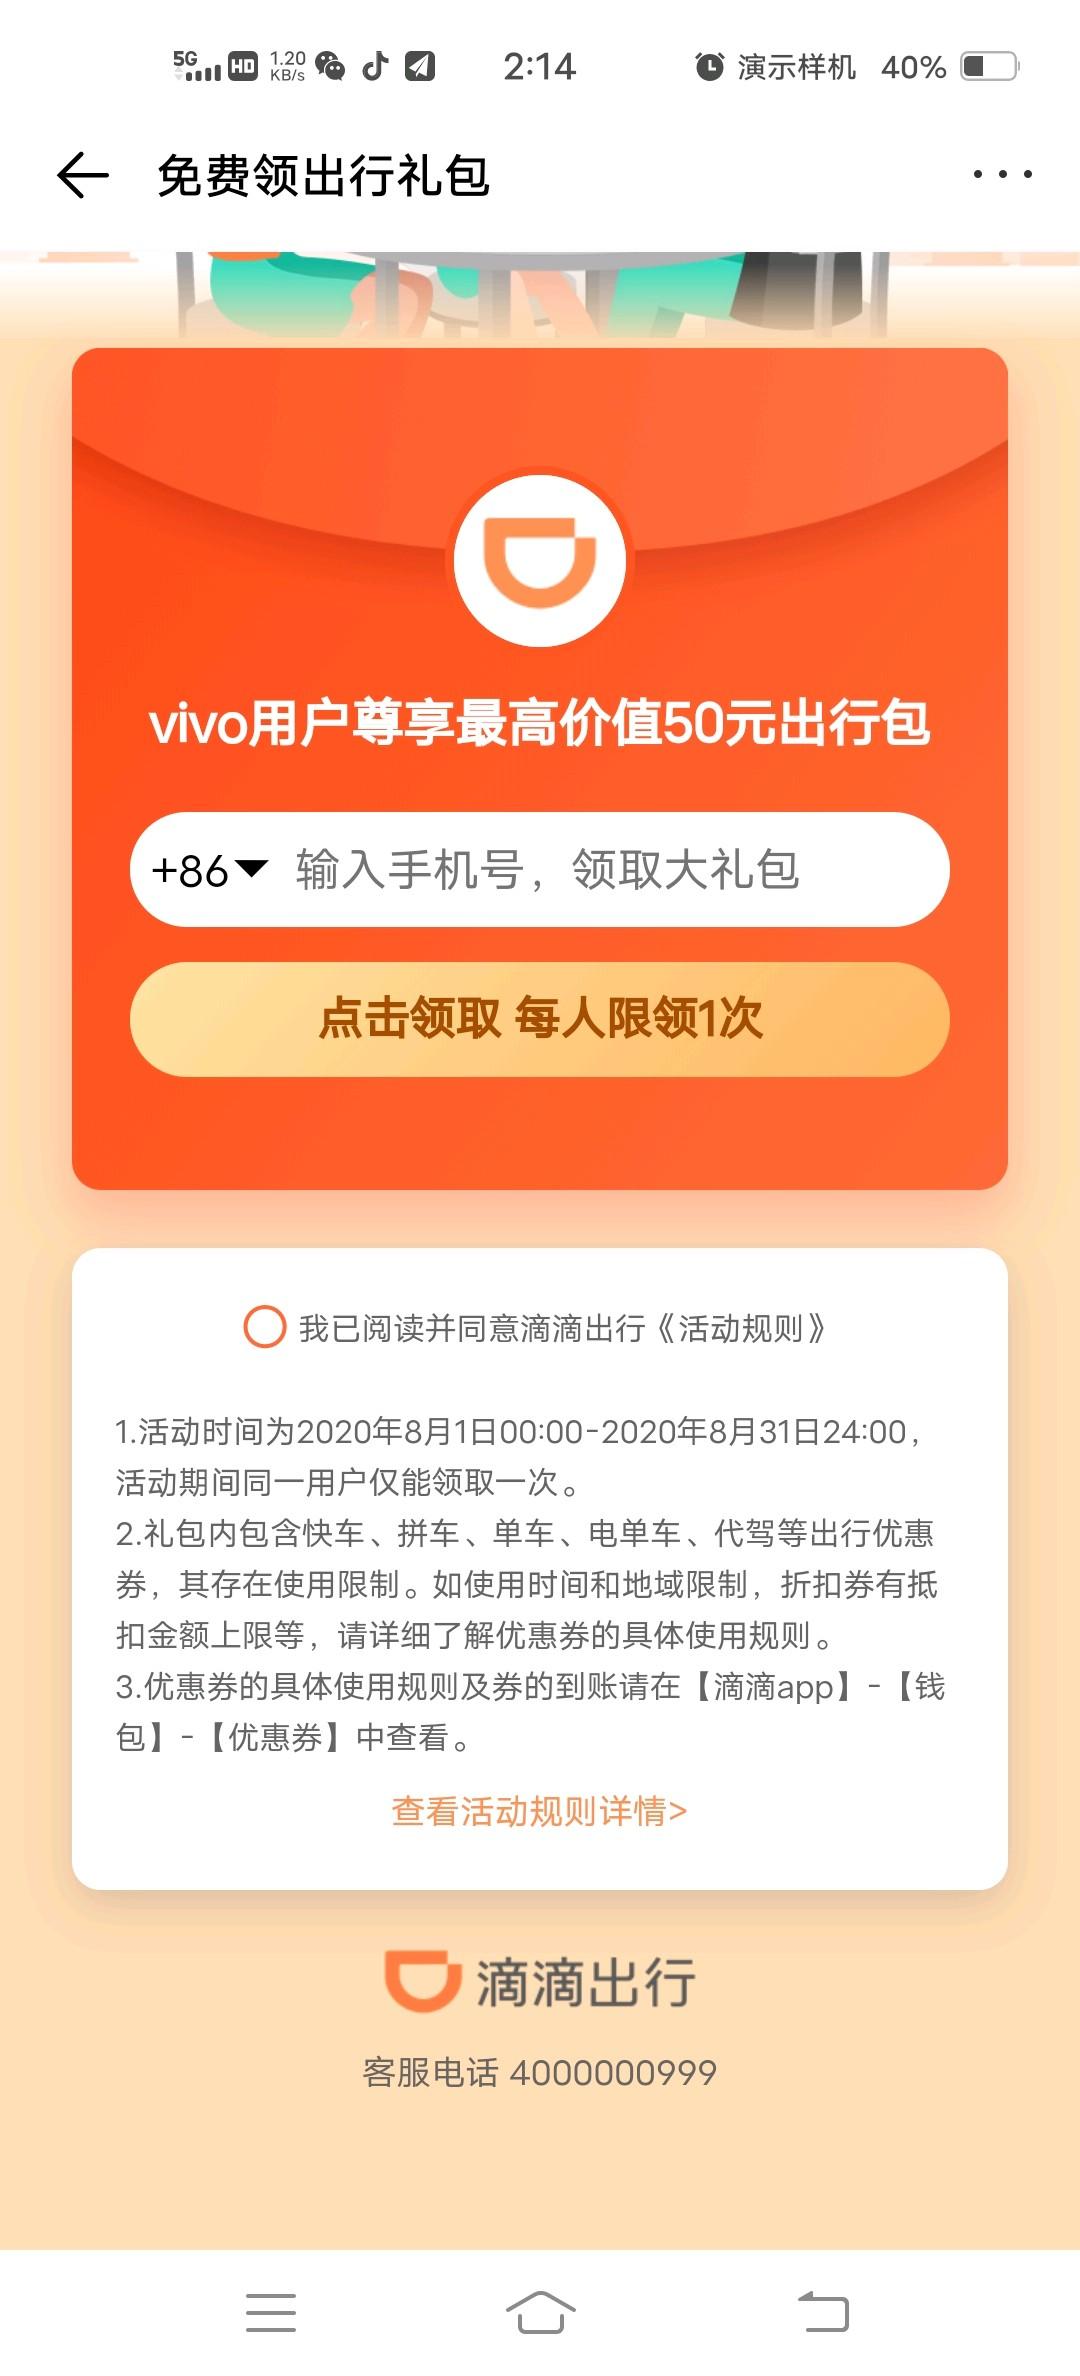 Screenshot_20200802_141441.jpg